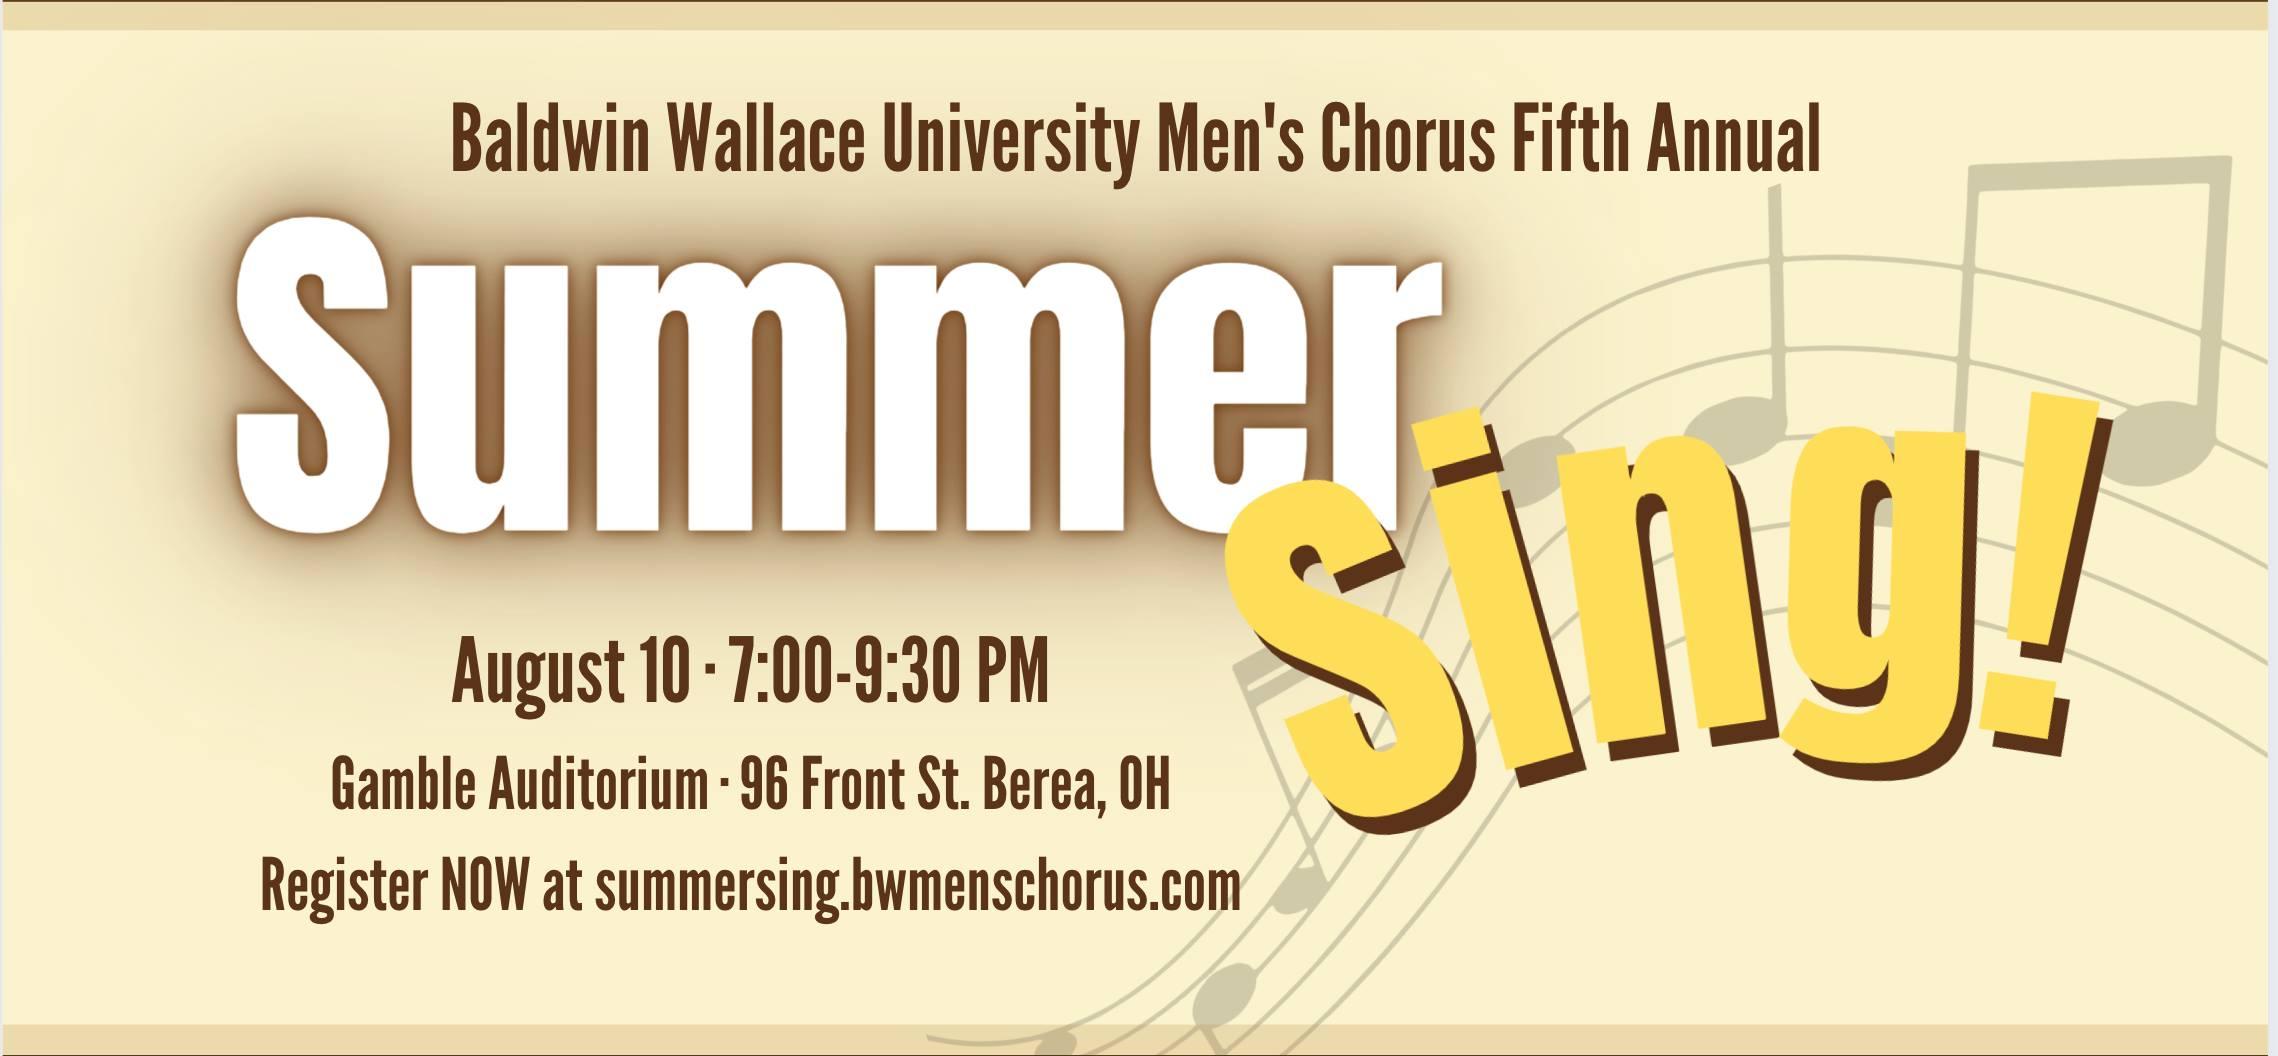 BW Men's Chorus Summer Sing!